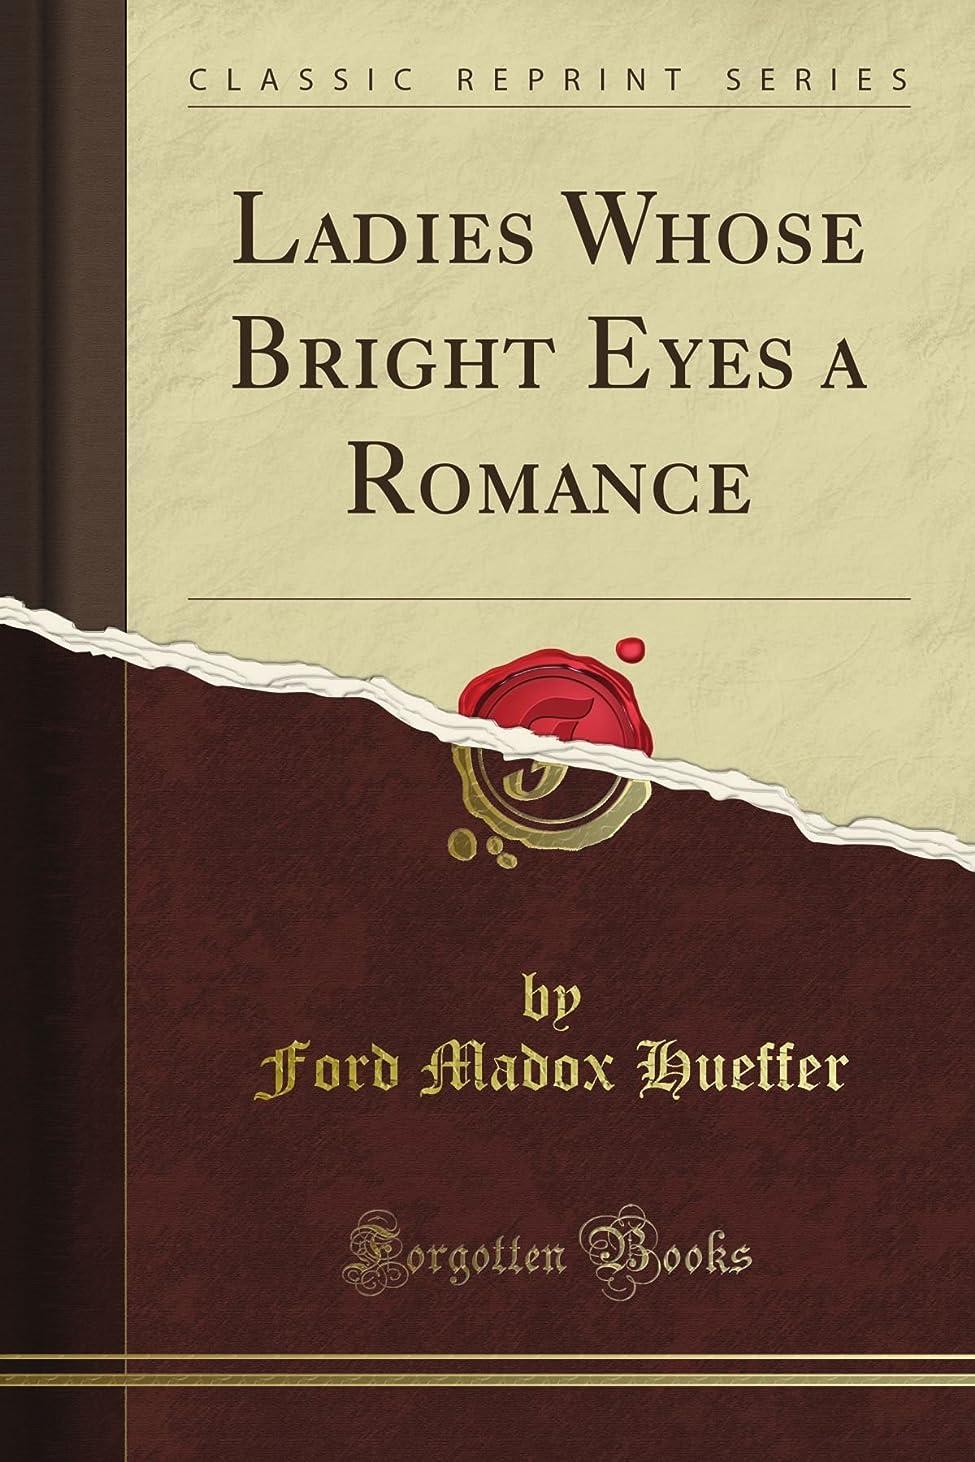 シャンプーヒール耐えられないLadies Whose Bright Eyes a Romance (Classic Reprint)